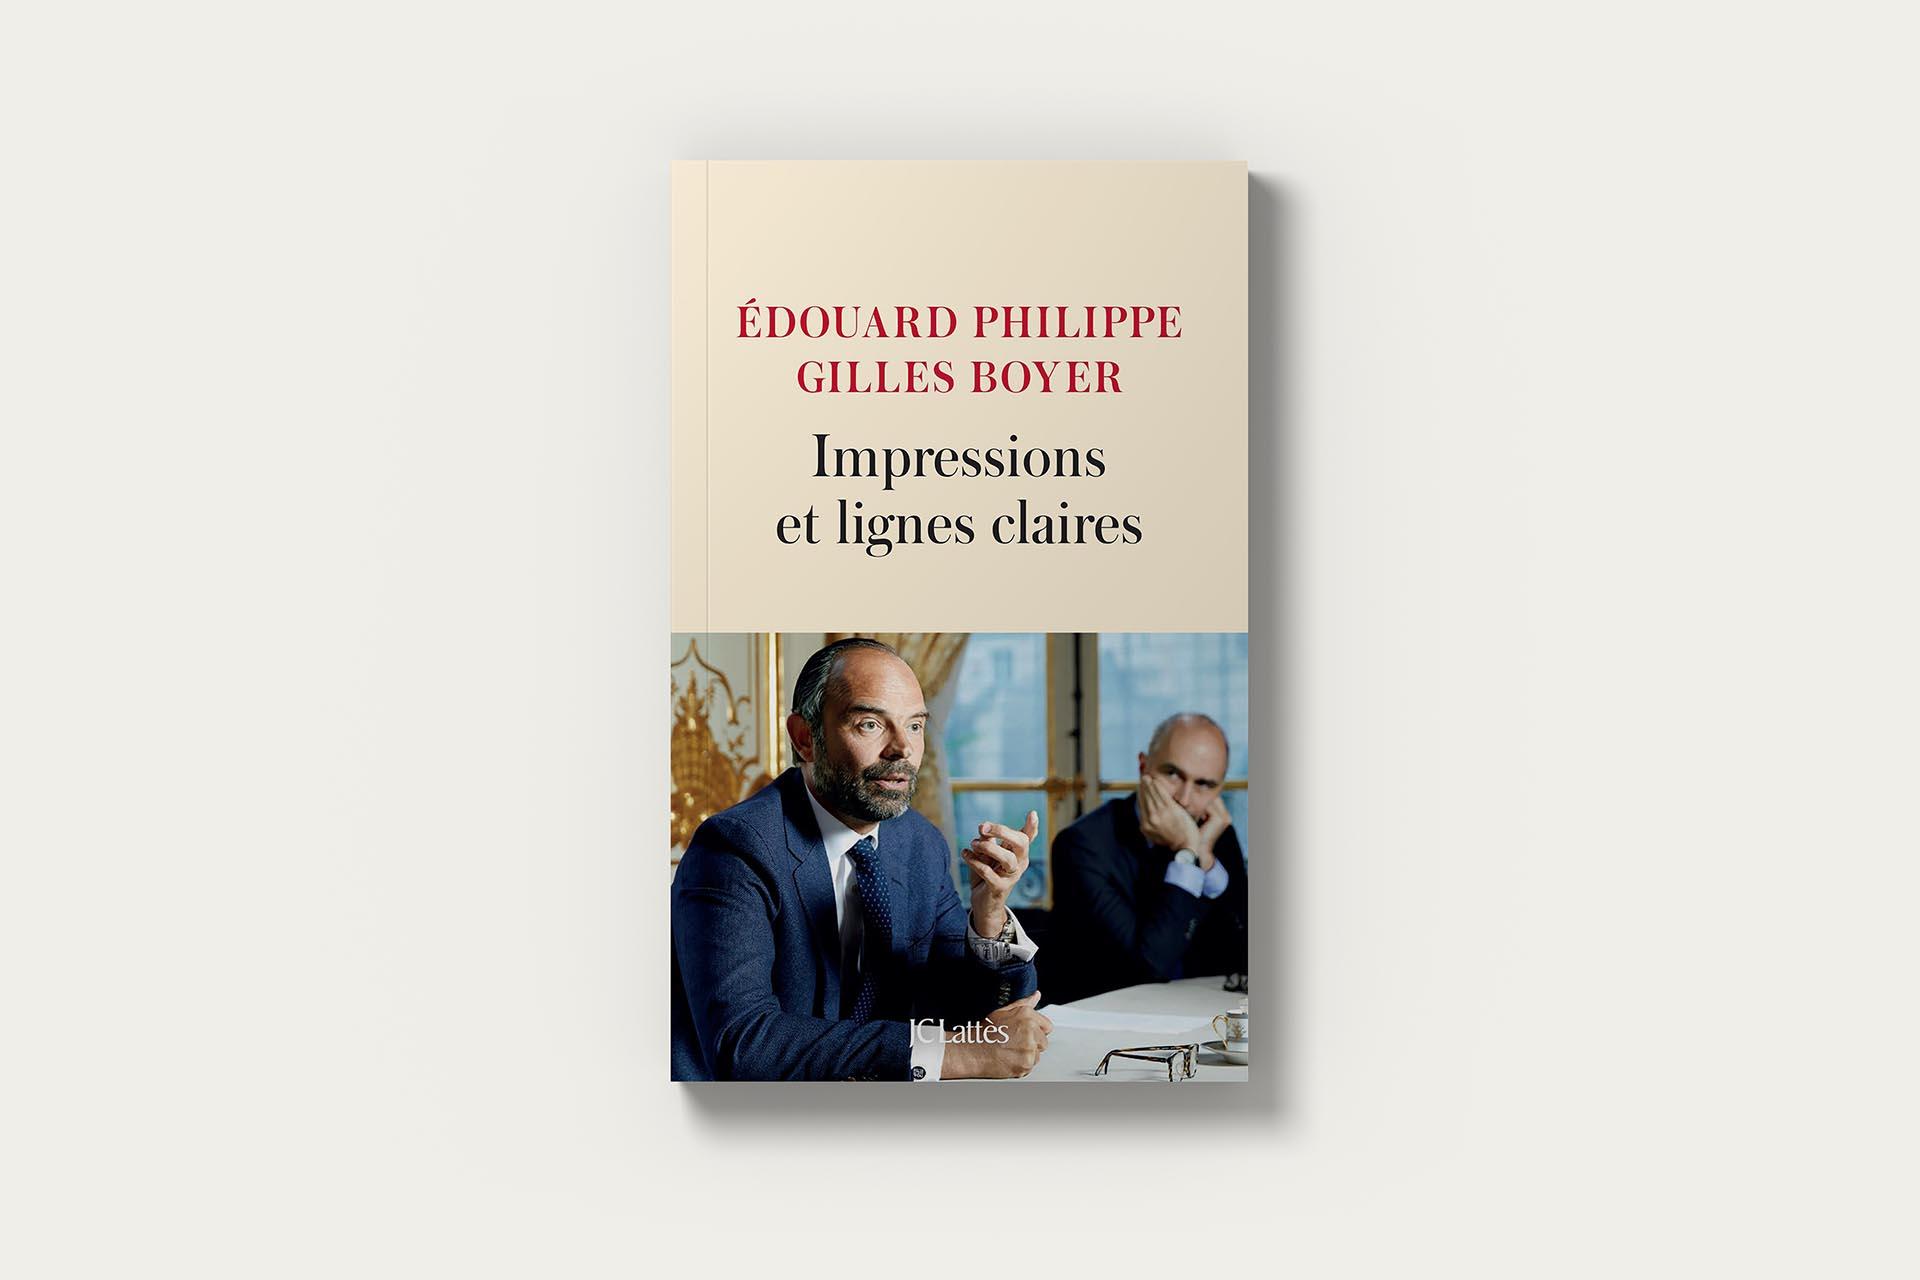 Livre Édouard Philippe - Impressions et lignes claires